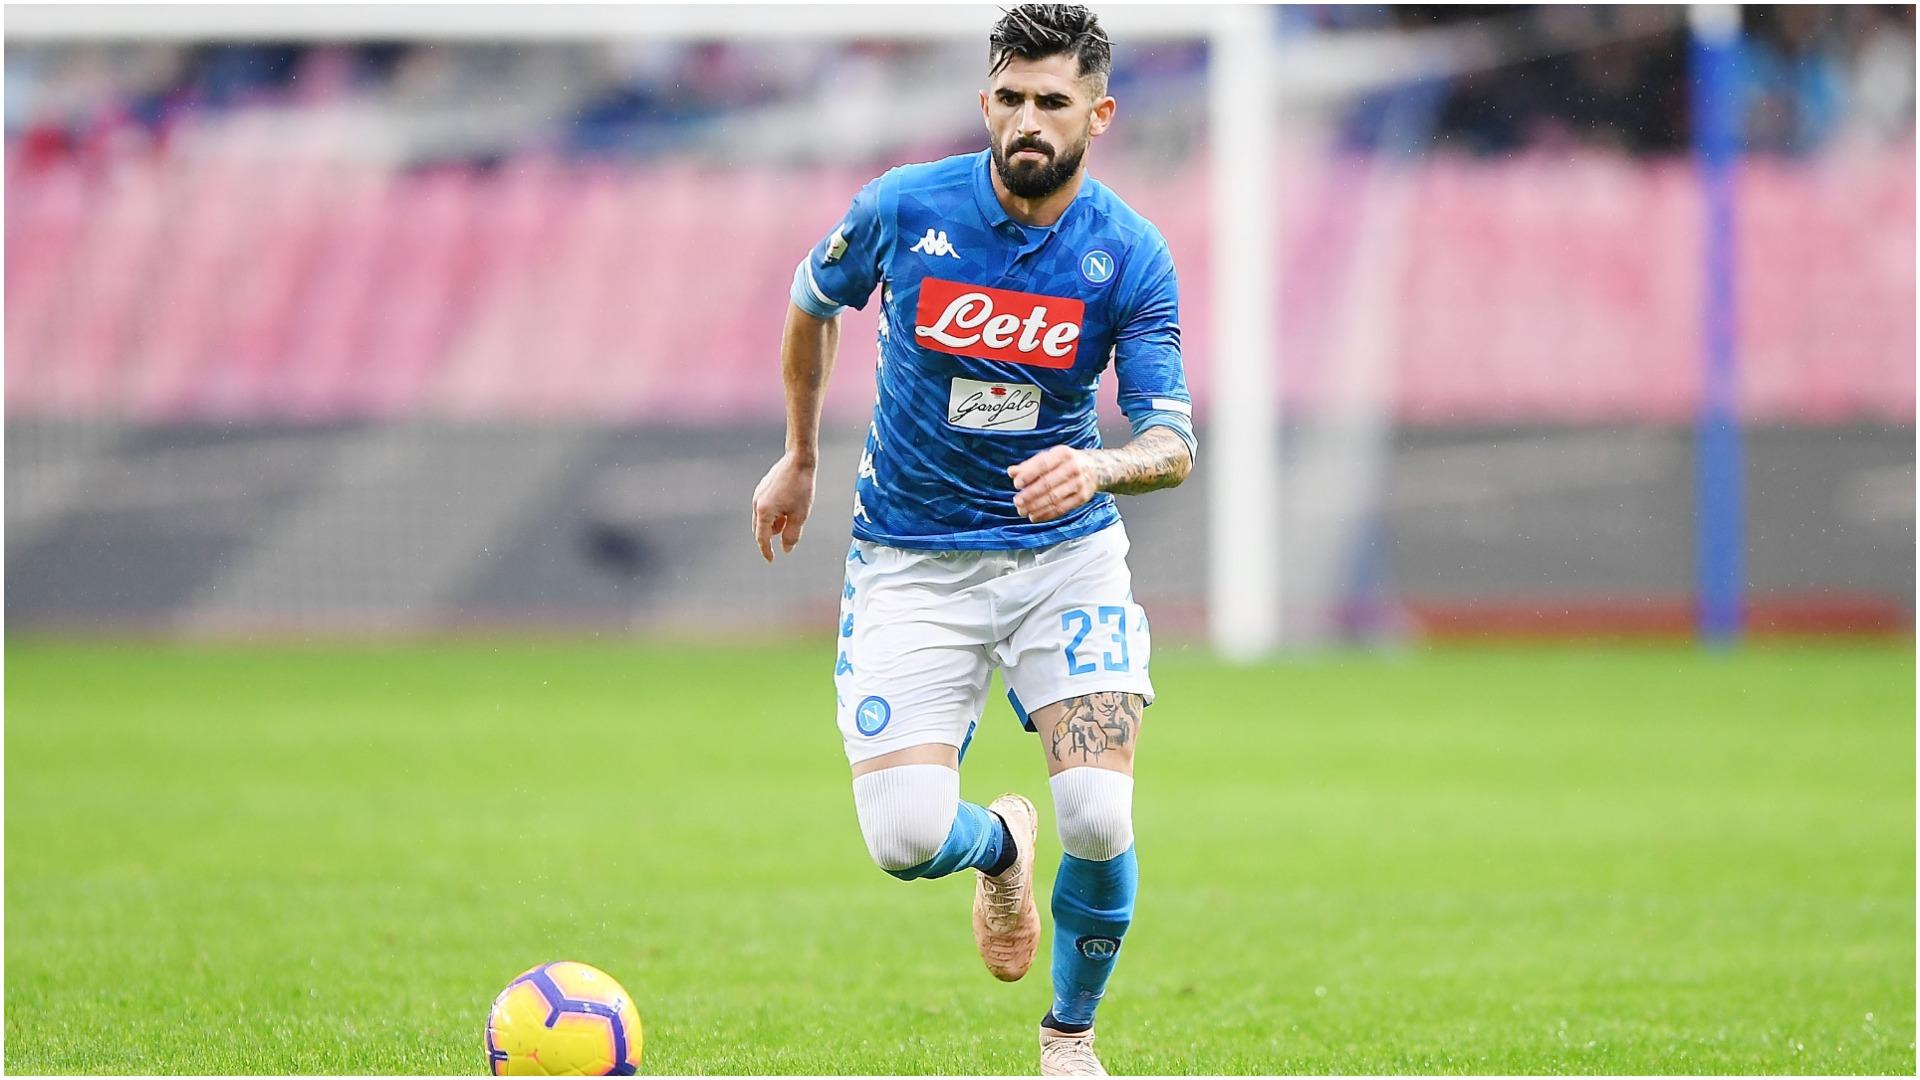 E kryer: Elseid Hysaj mbetet në Serie A, gjen akordin me klubin e njohur